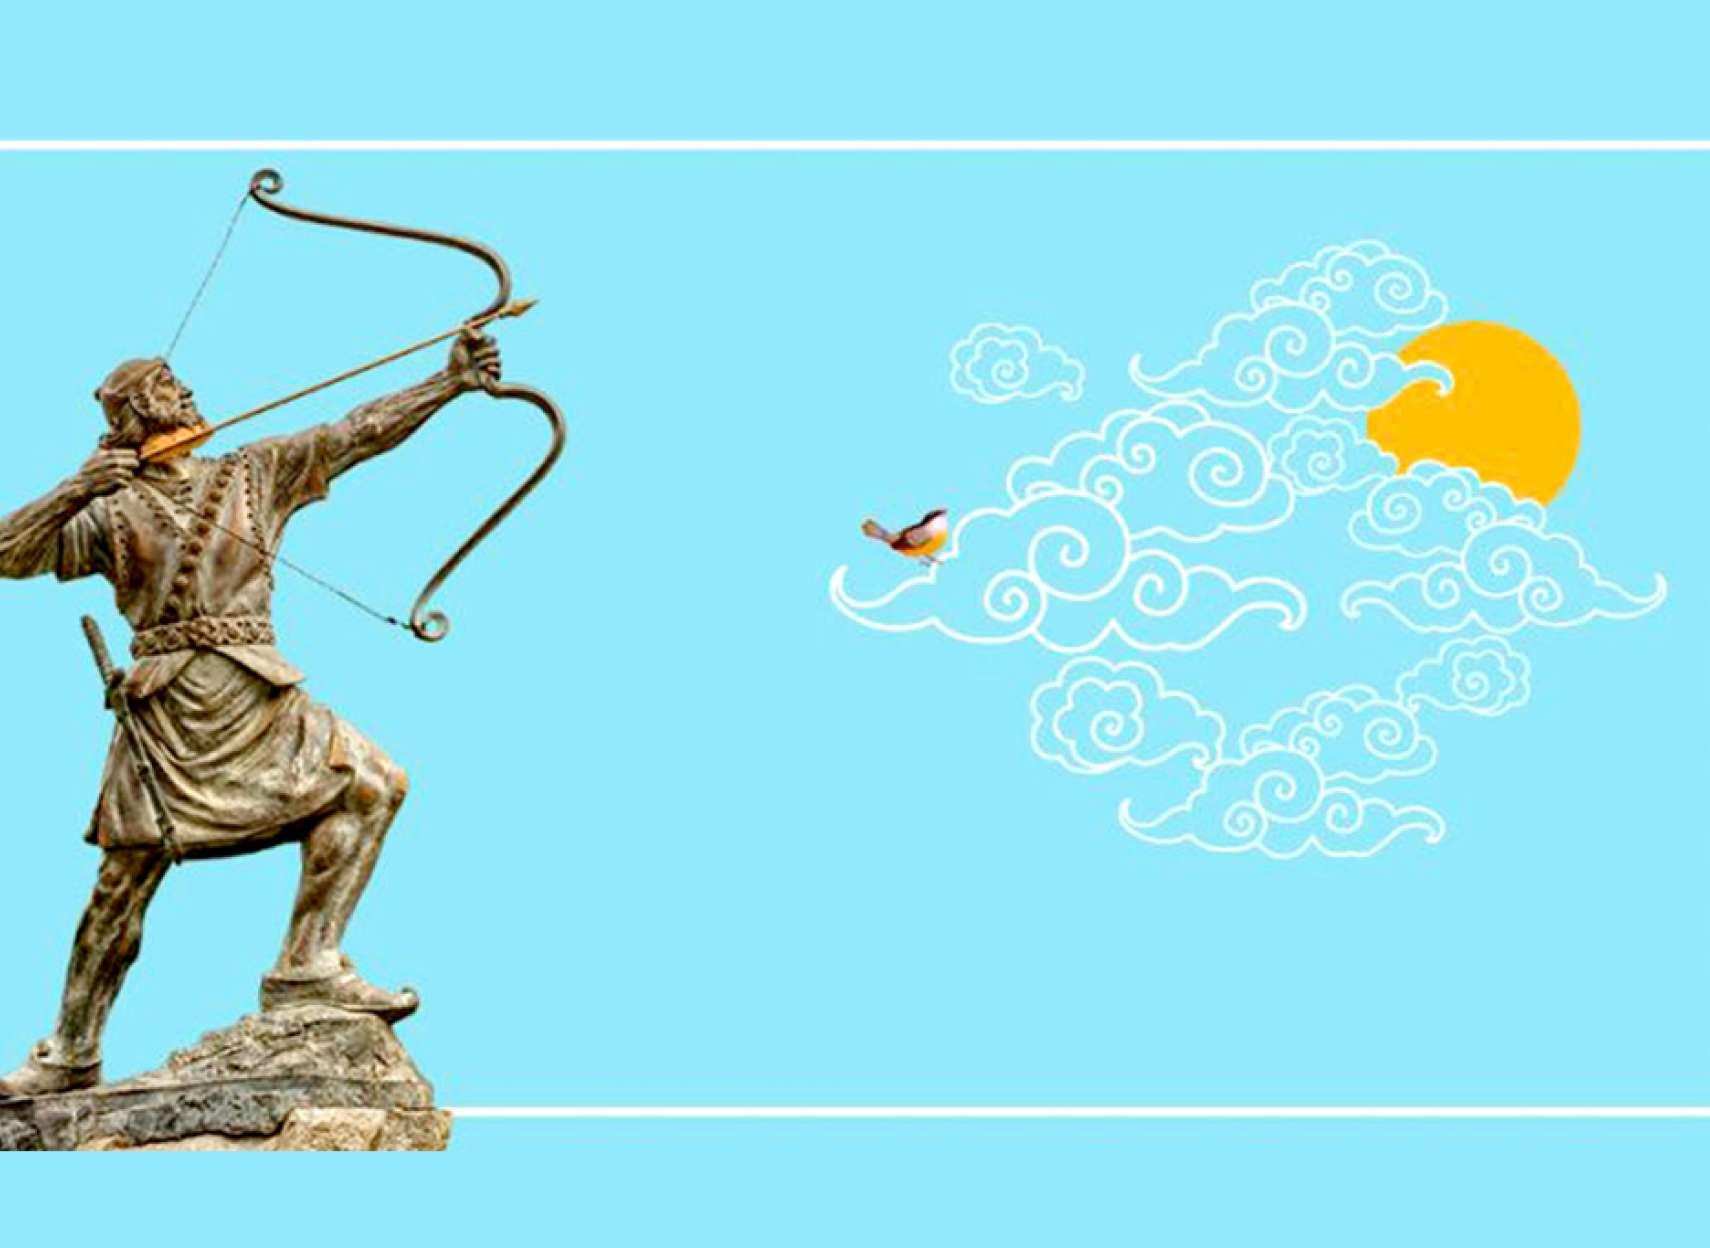 ادبیات-گلمحمدی-با-جشن-واقعی-تیرگان-آشنا-شوید